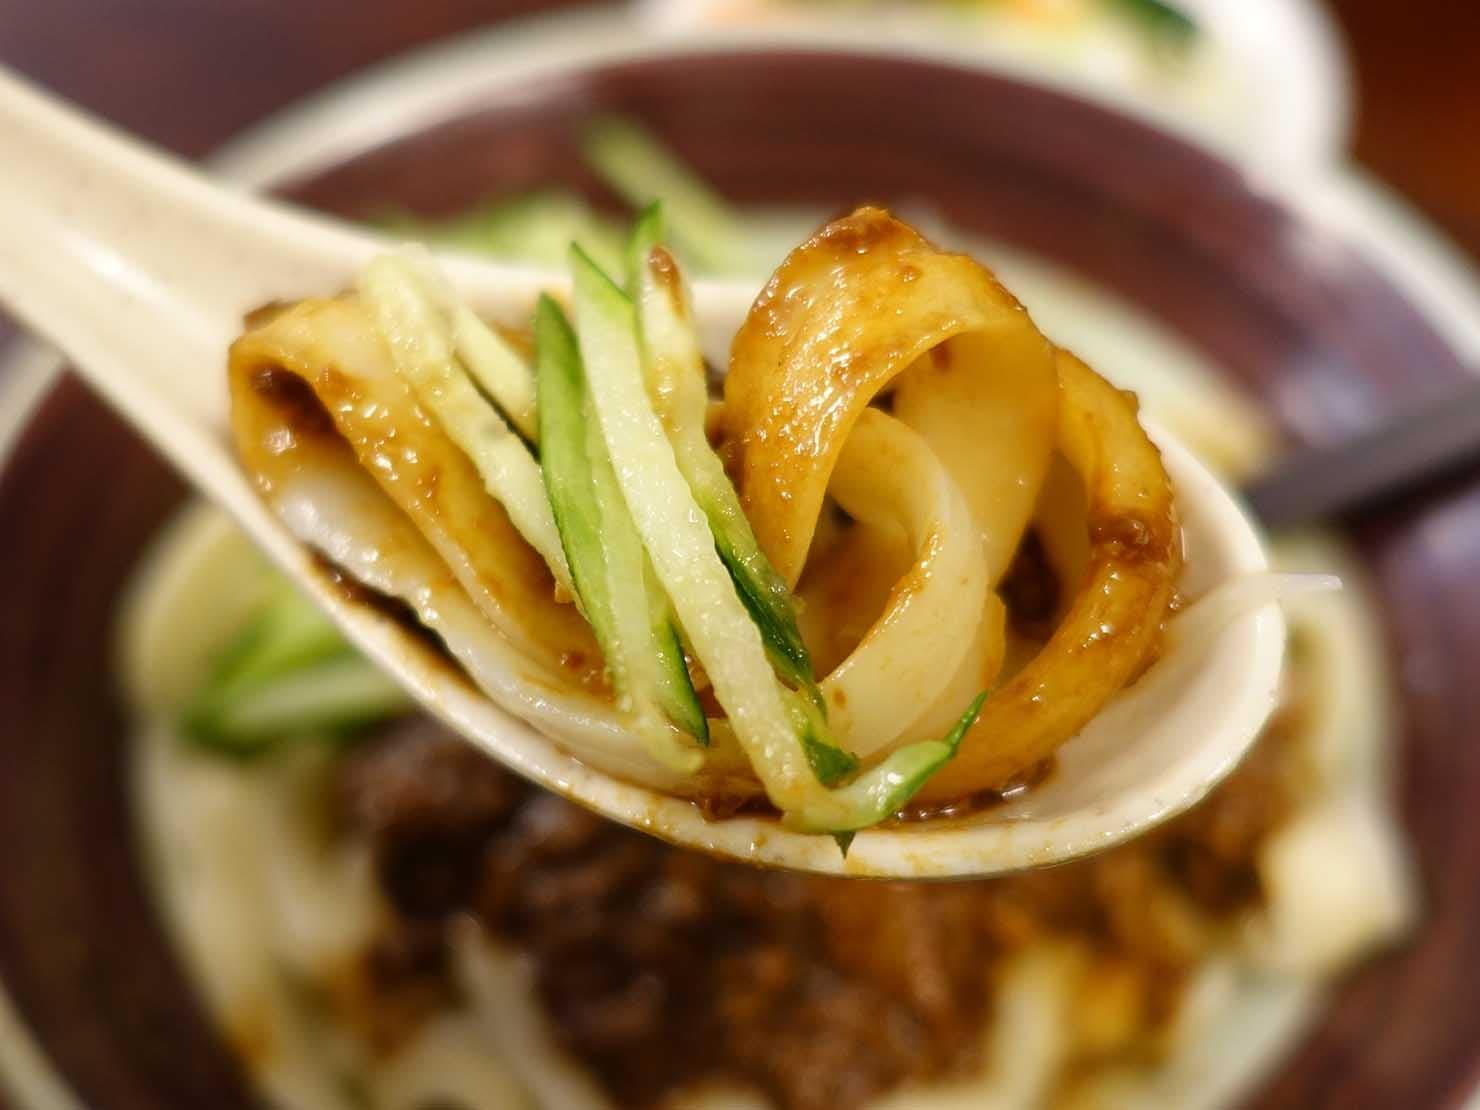 台北・永康街のおすすめグルメ店「永康刀削麵」の炸醬麵(ジャージャー麺)クローズアップ